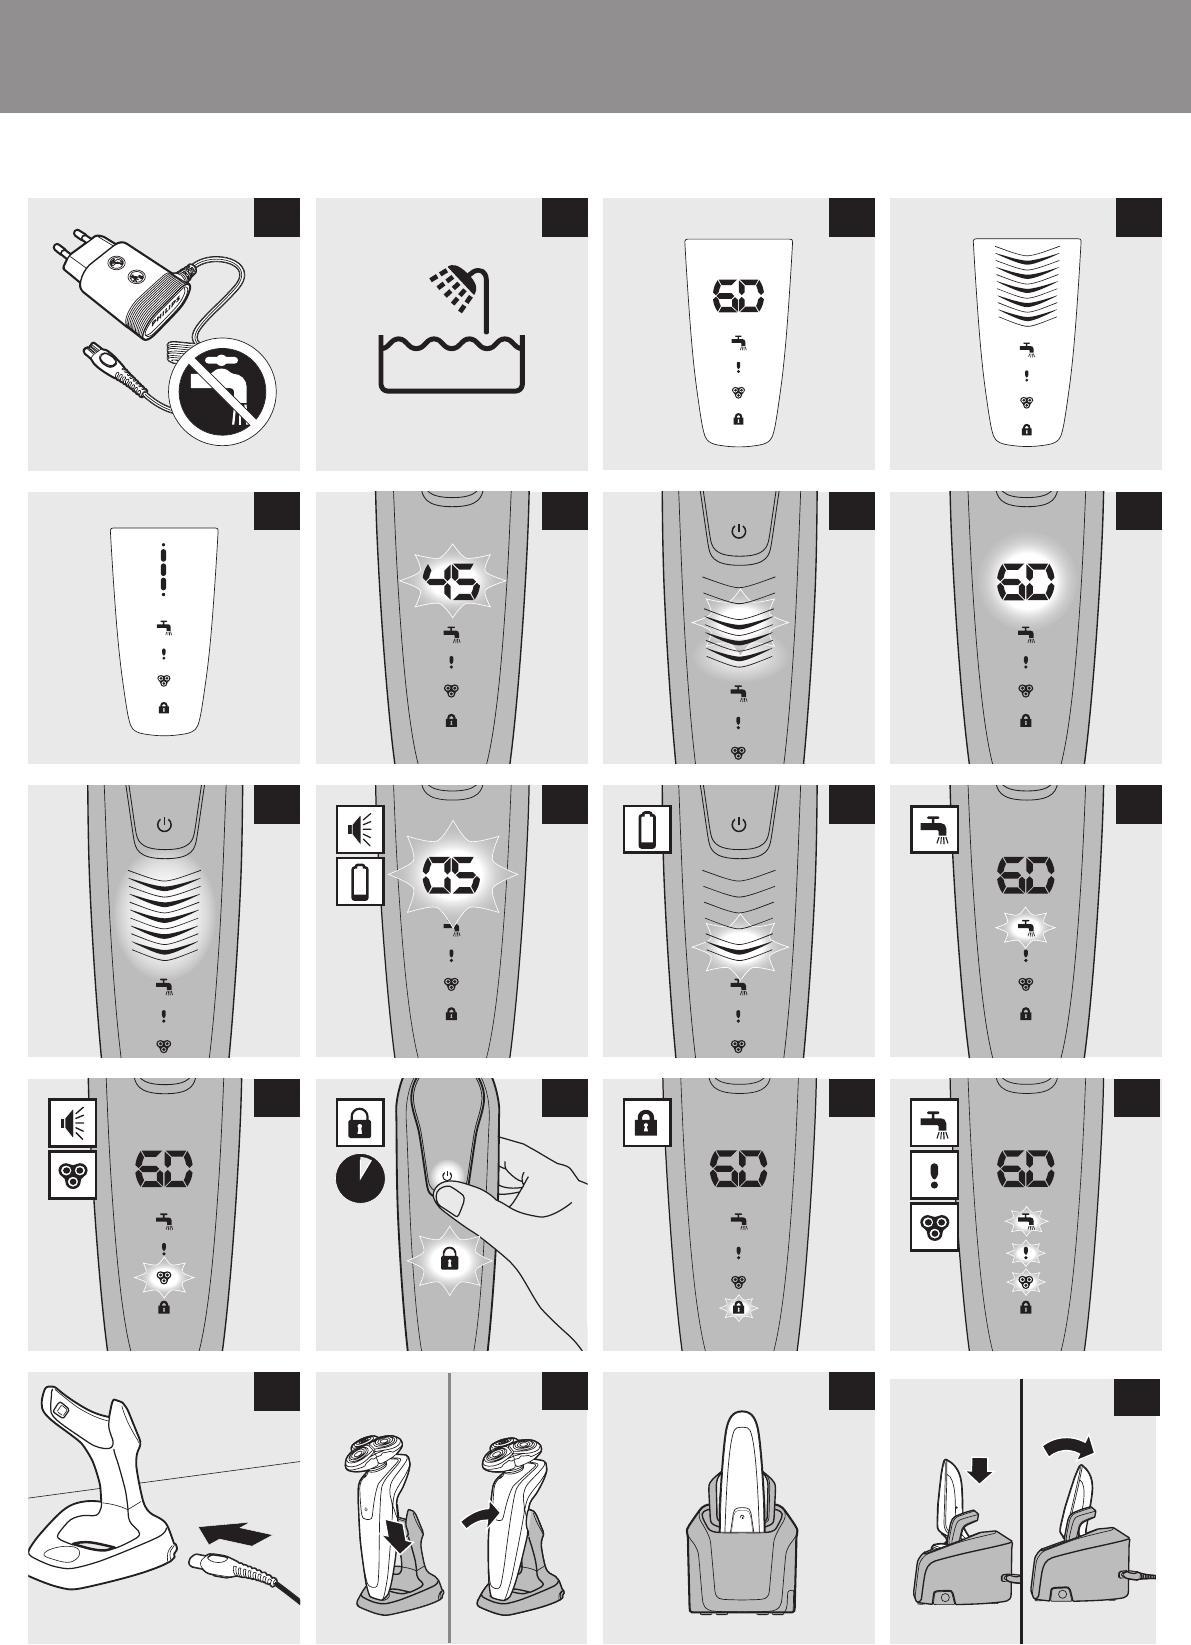 Bedienungsanleitung Philips Senso Touch 3D (Seite 1 von 266